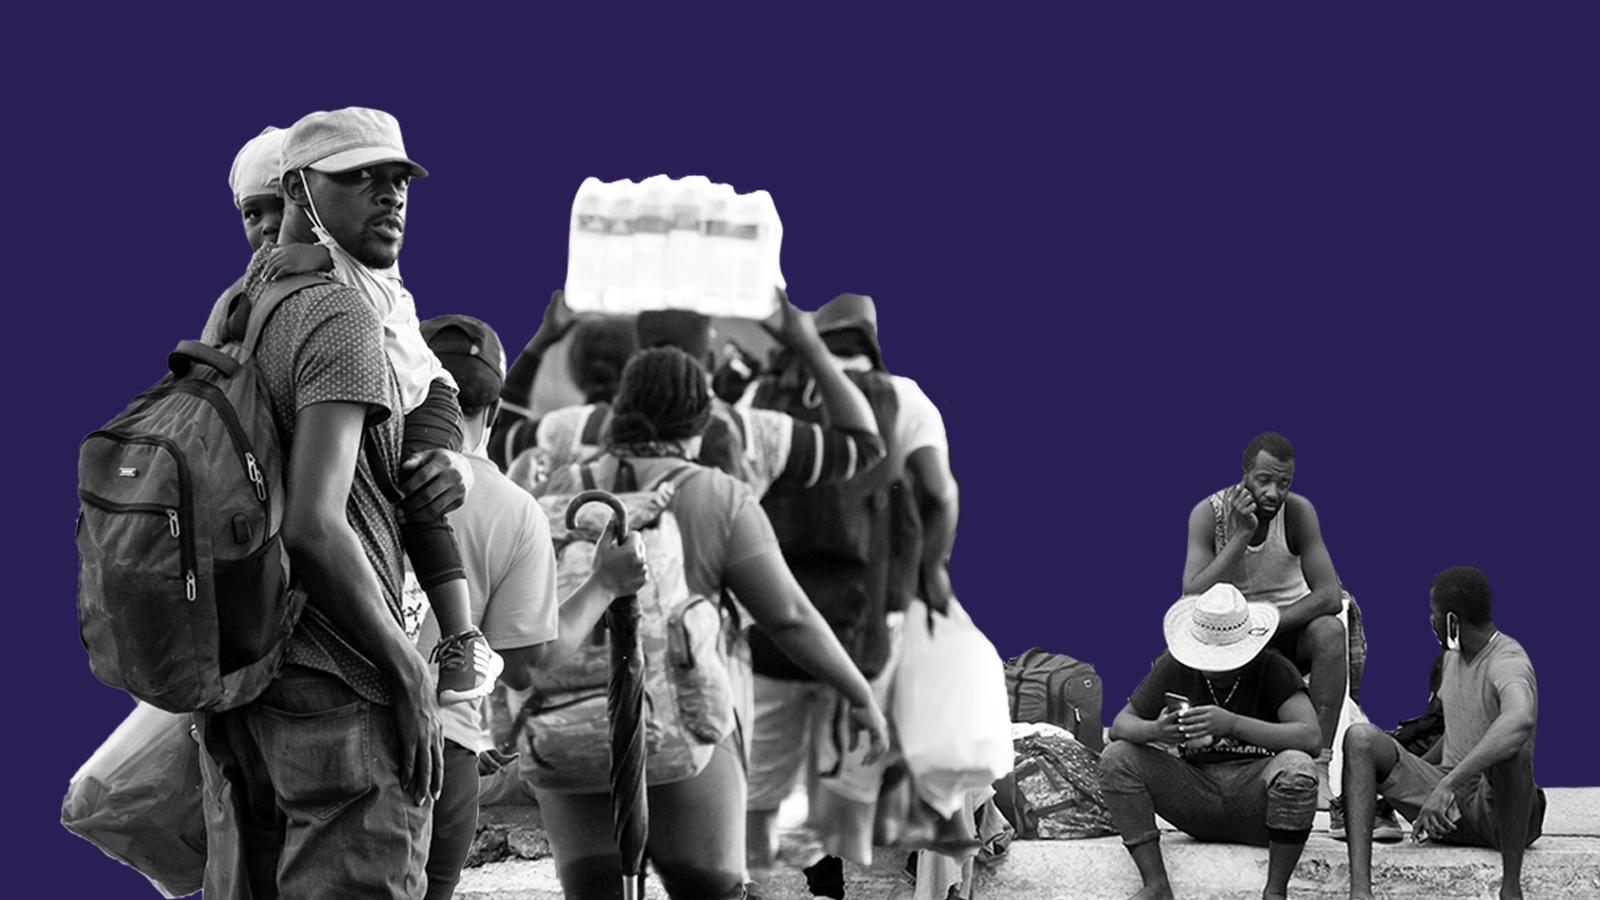 Migración, pandemia y xenofobia en Colombia, Perú y Chile: Tres palabras que nunca debieron unirse